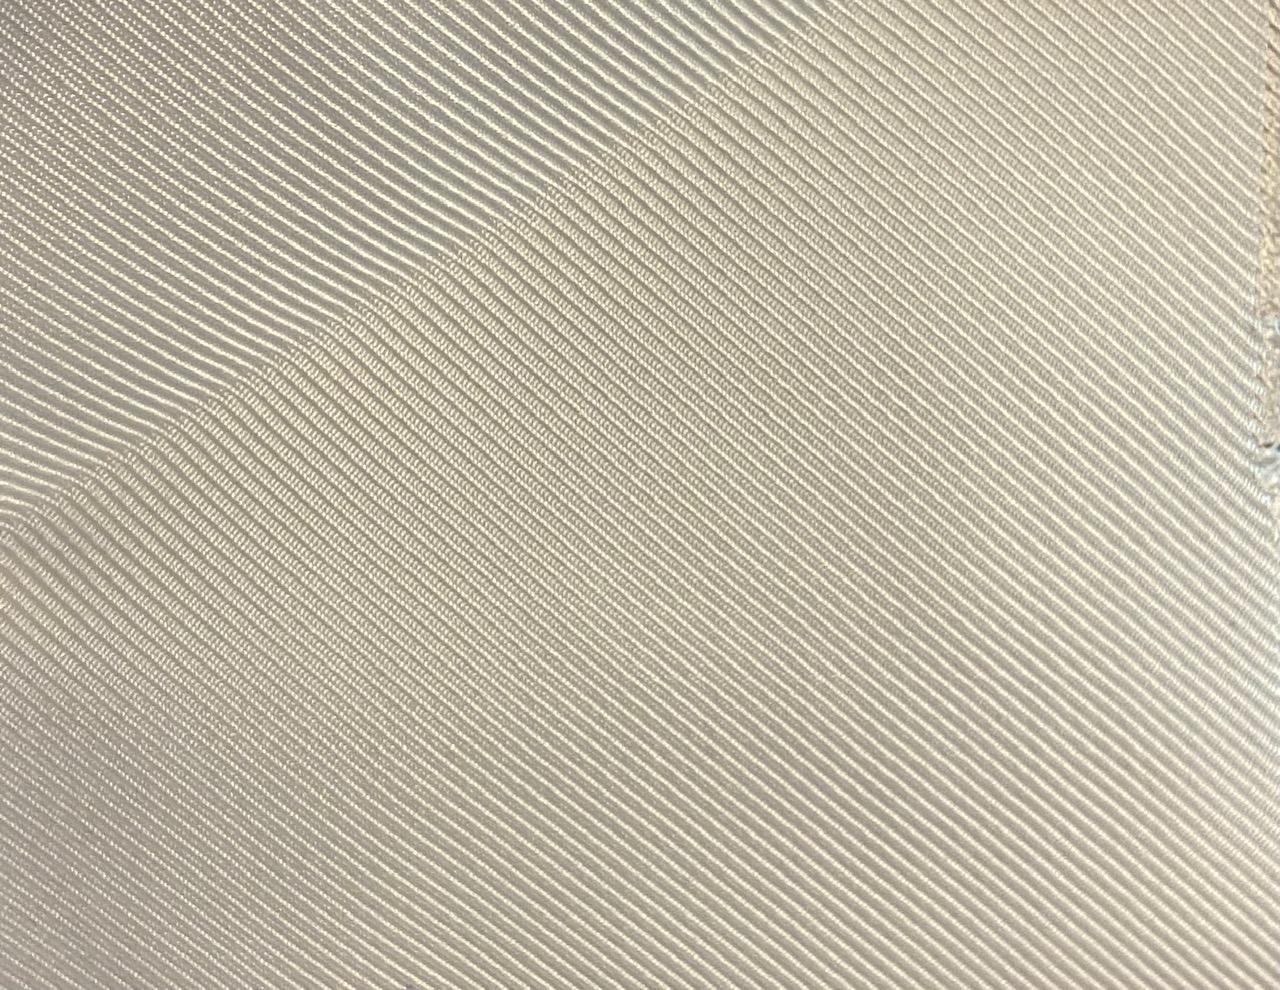 Filtrējošs audums, art.8482-05, bl.160g/m², pl.112cm. 100%poliamīds. Bezmaksas piegāde!